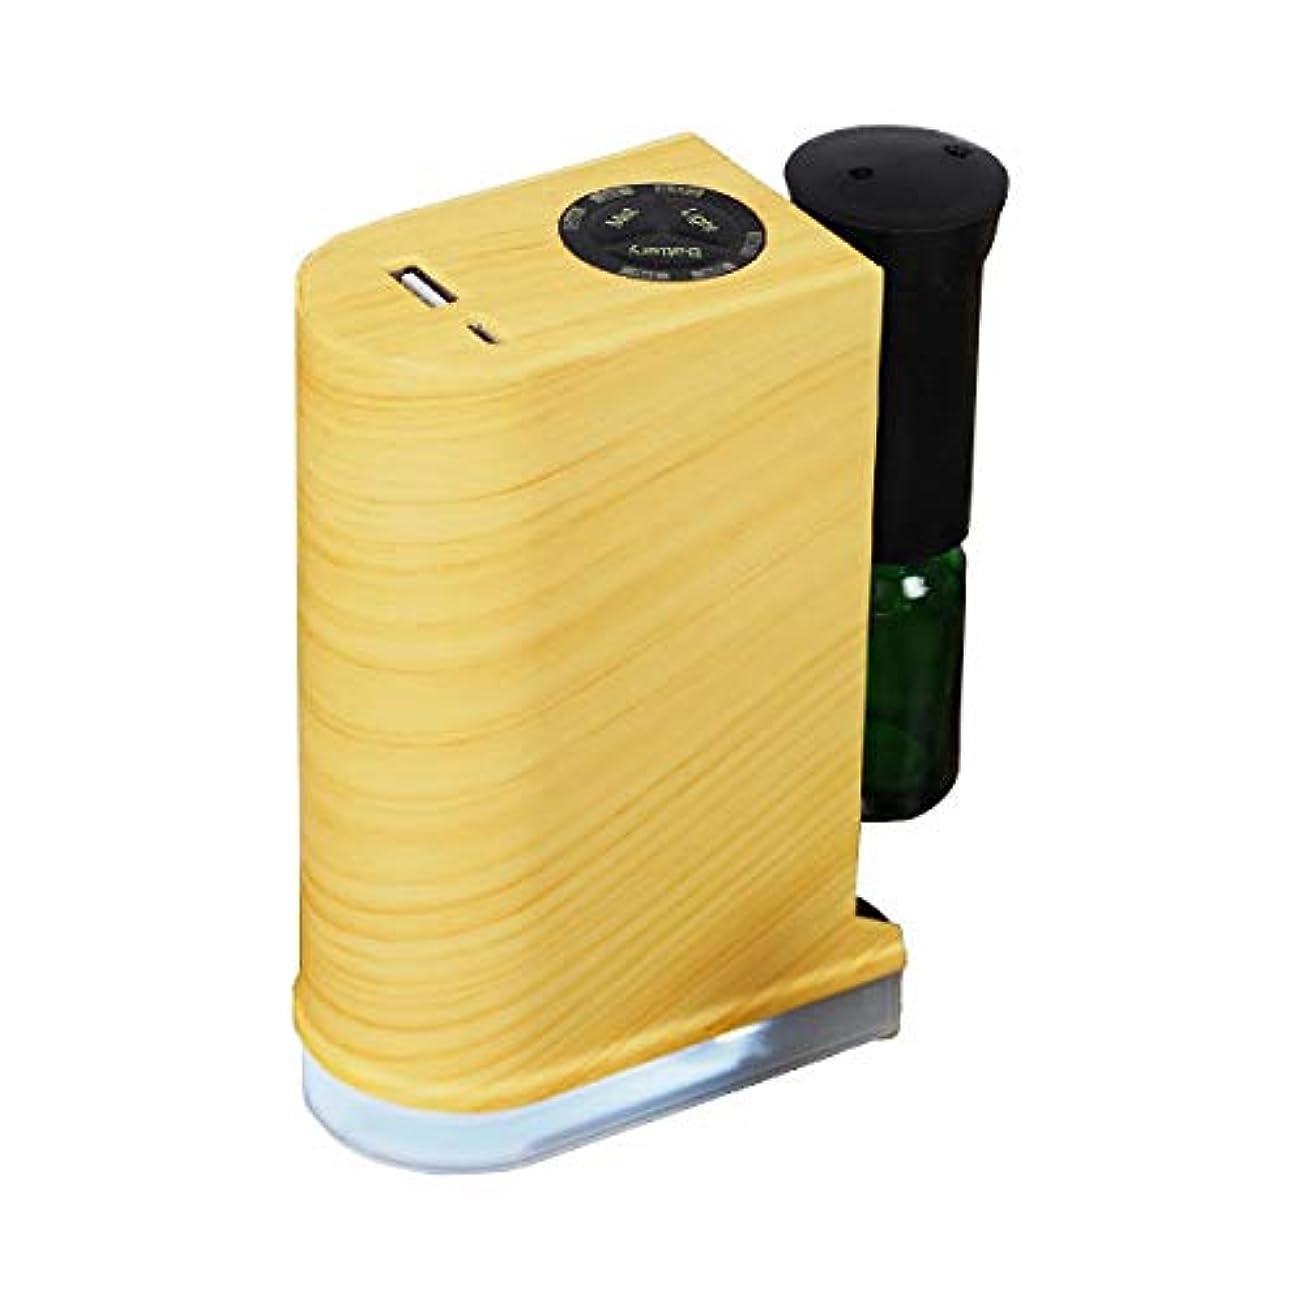 局資源制裁アロマデュフューザー 水を使わない ネブライザー式アロマディフューザー LED搭載 アロマオイル 精油 アロマ芳香 (ナチュラル)